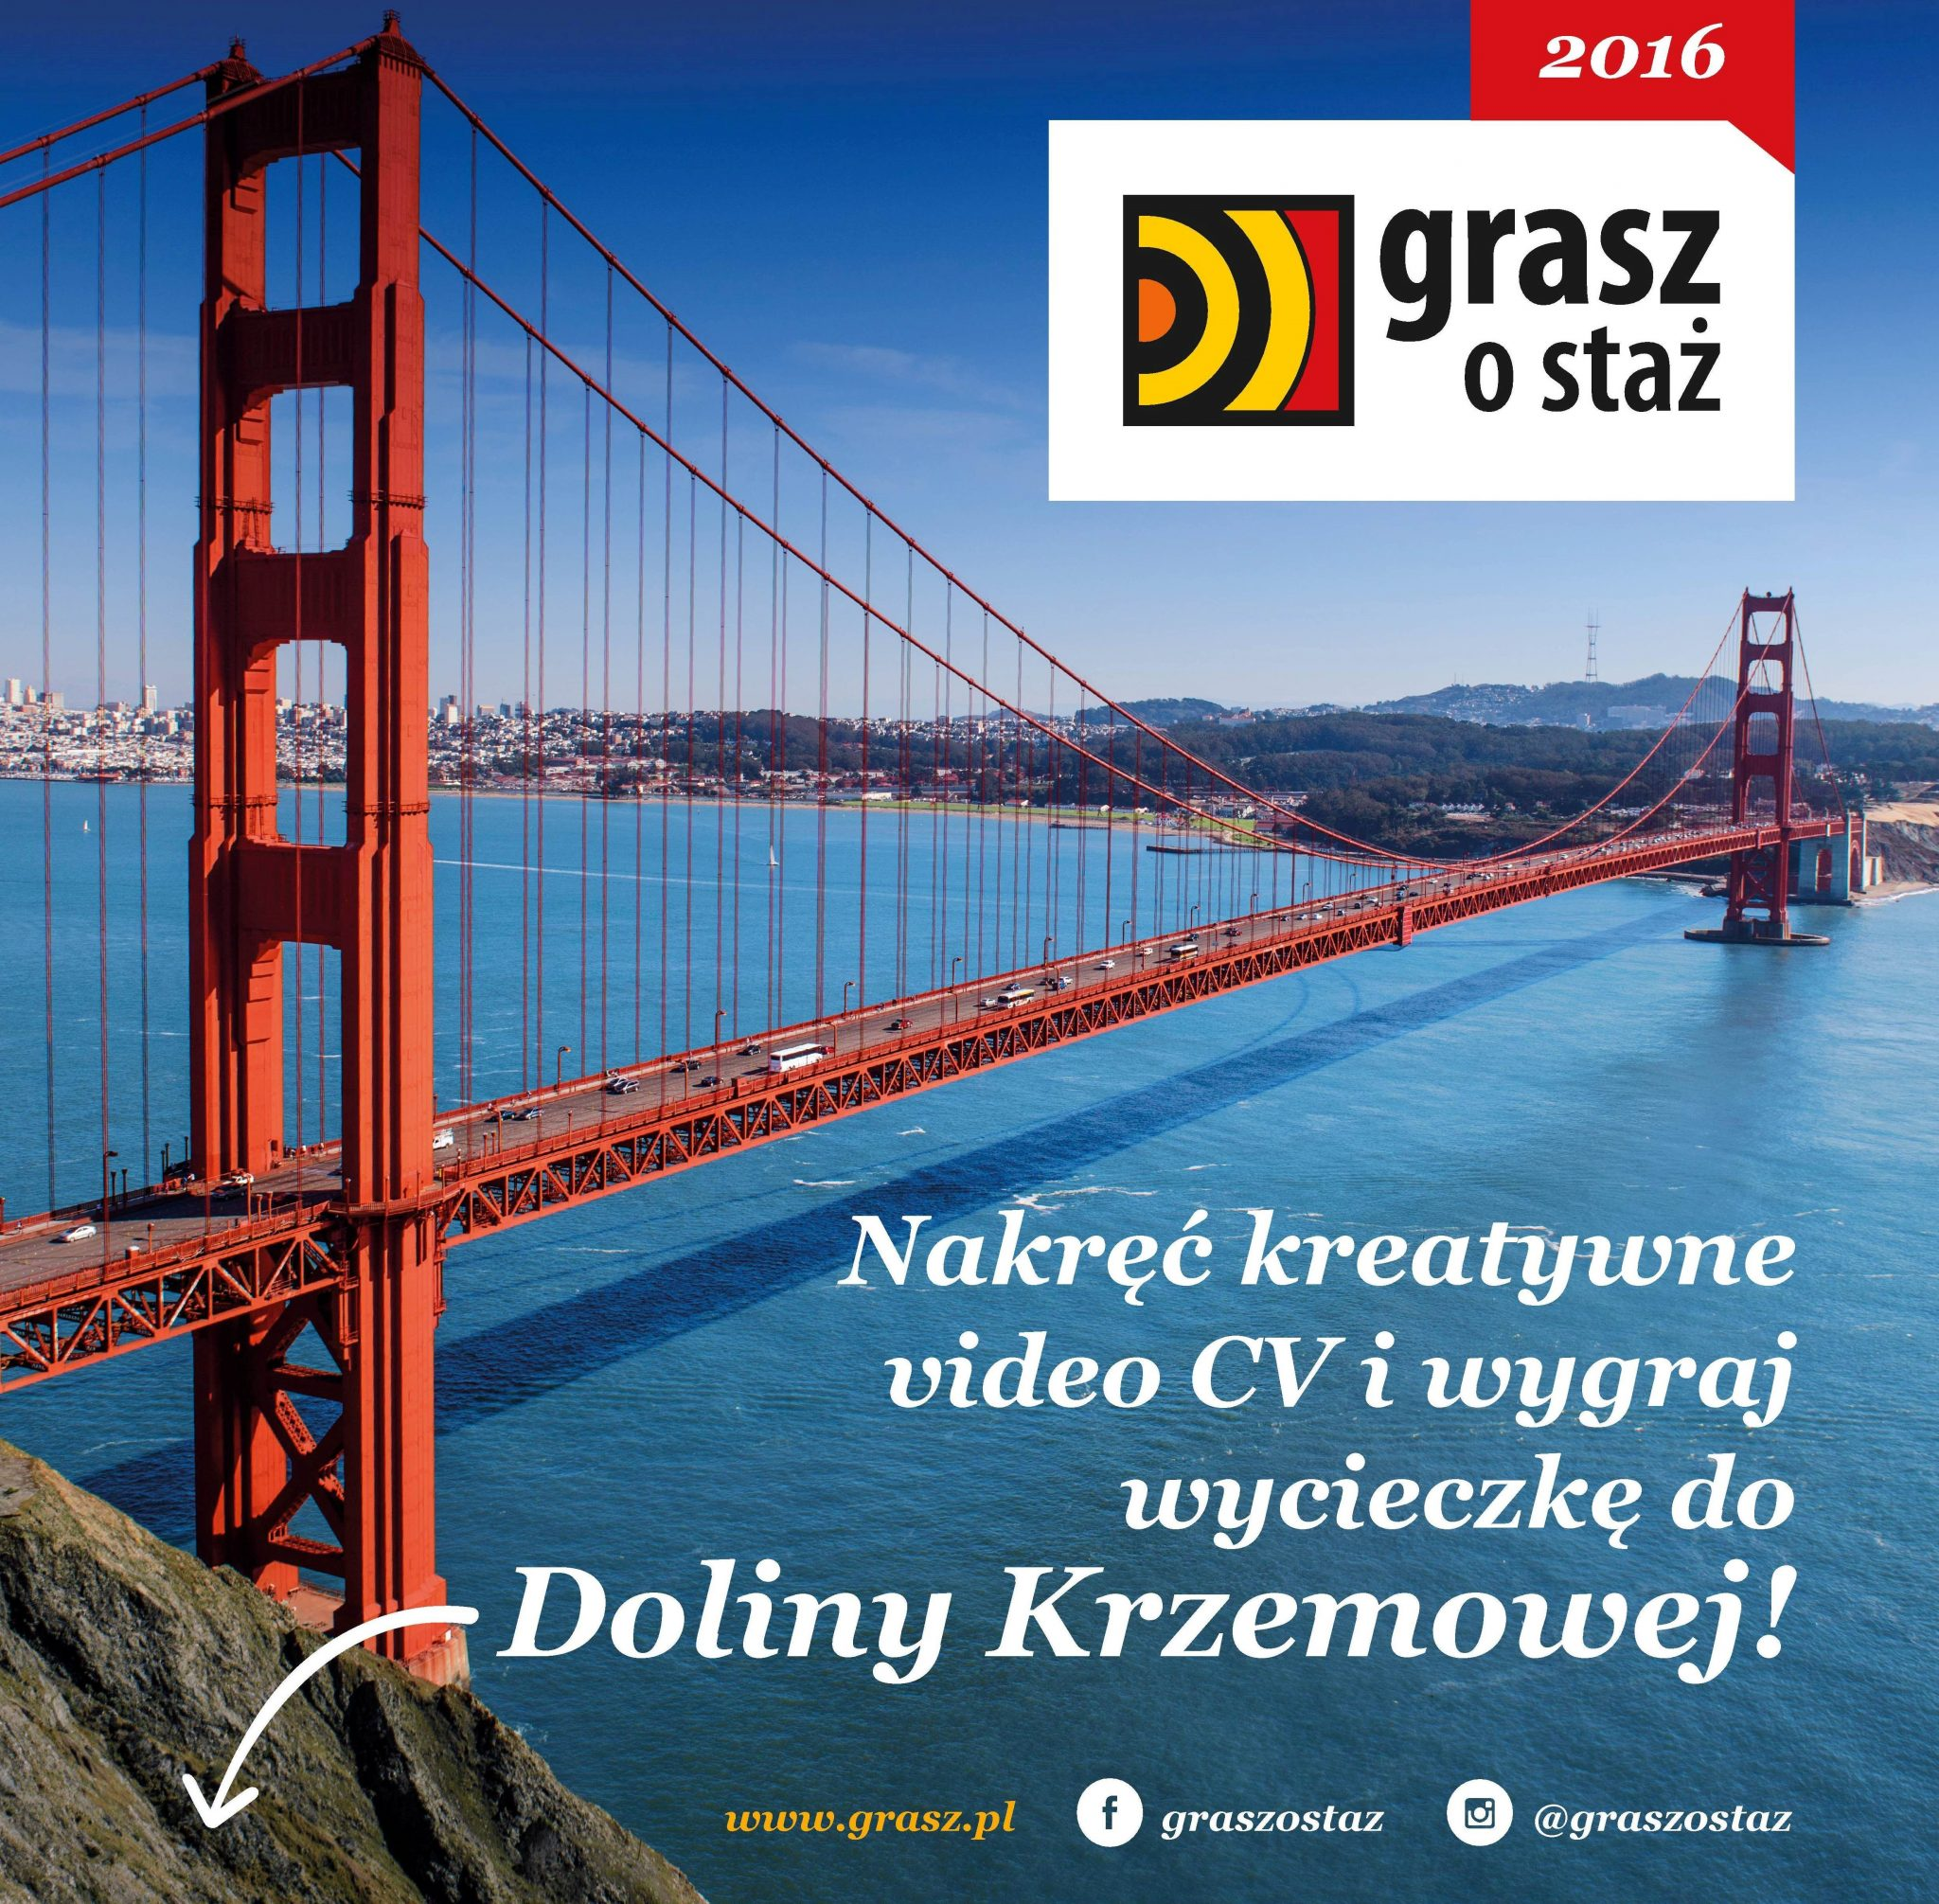 pwc konkurs dolina krzemowa